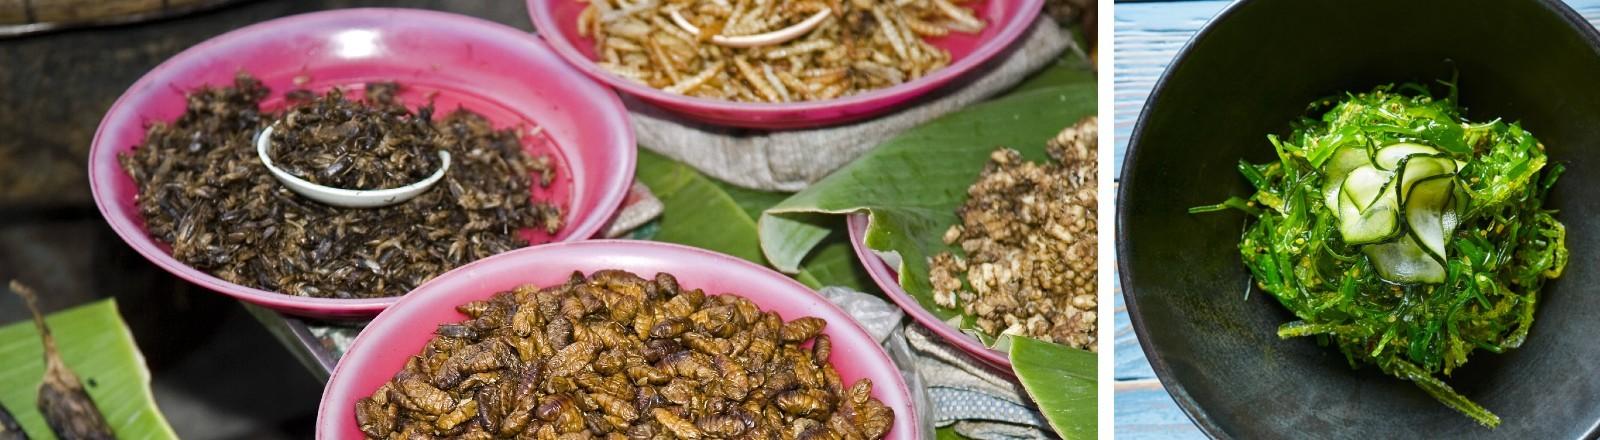 Teller voller verschiedener Insekten und ein Teller mit Algen.